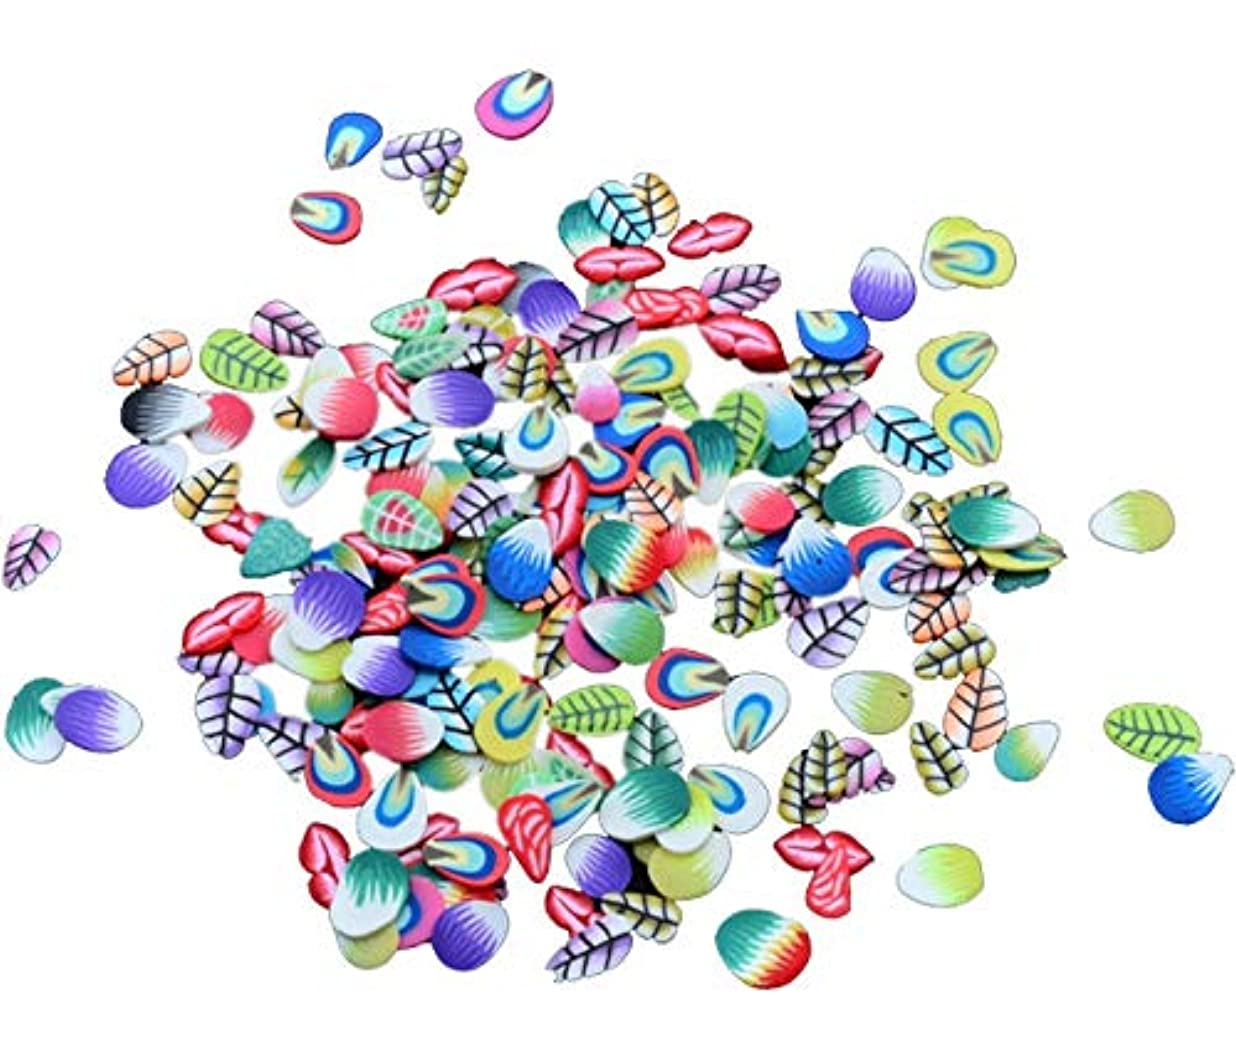 望み郵便屋さんファンネルウェブスパイダーTianmey ソフト陶磁器デザインネイルアートステッカーマニキュア美しいファッションアクセサリー装飾DIYモバイル美容パッチ千個 (Color : Feather)